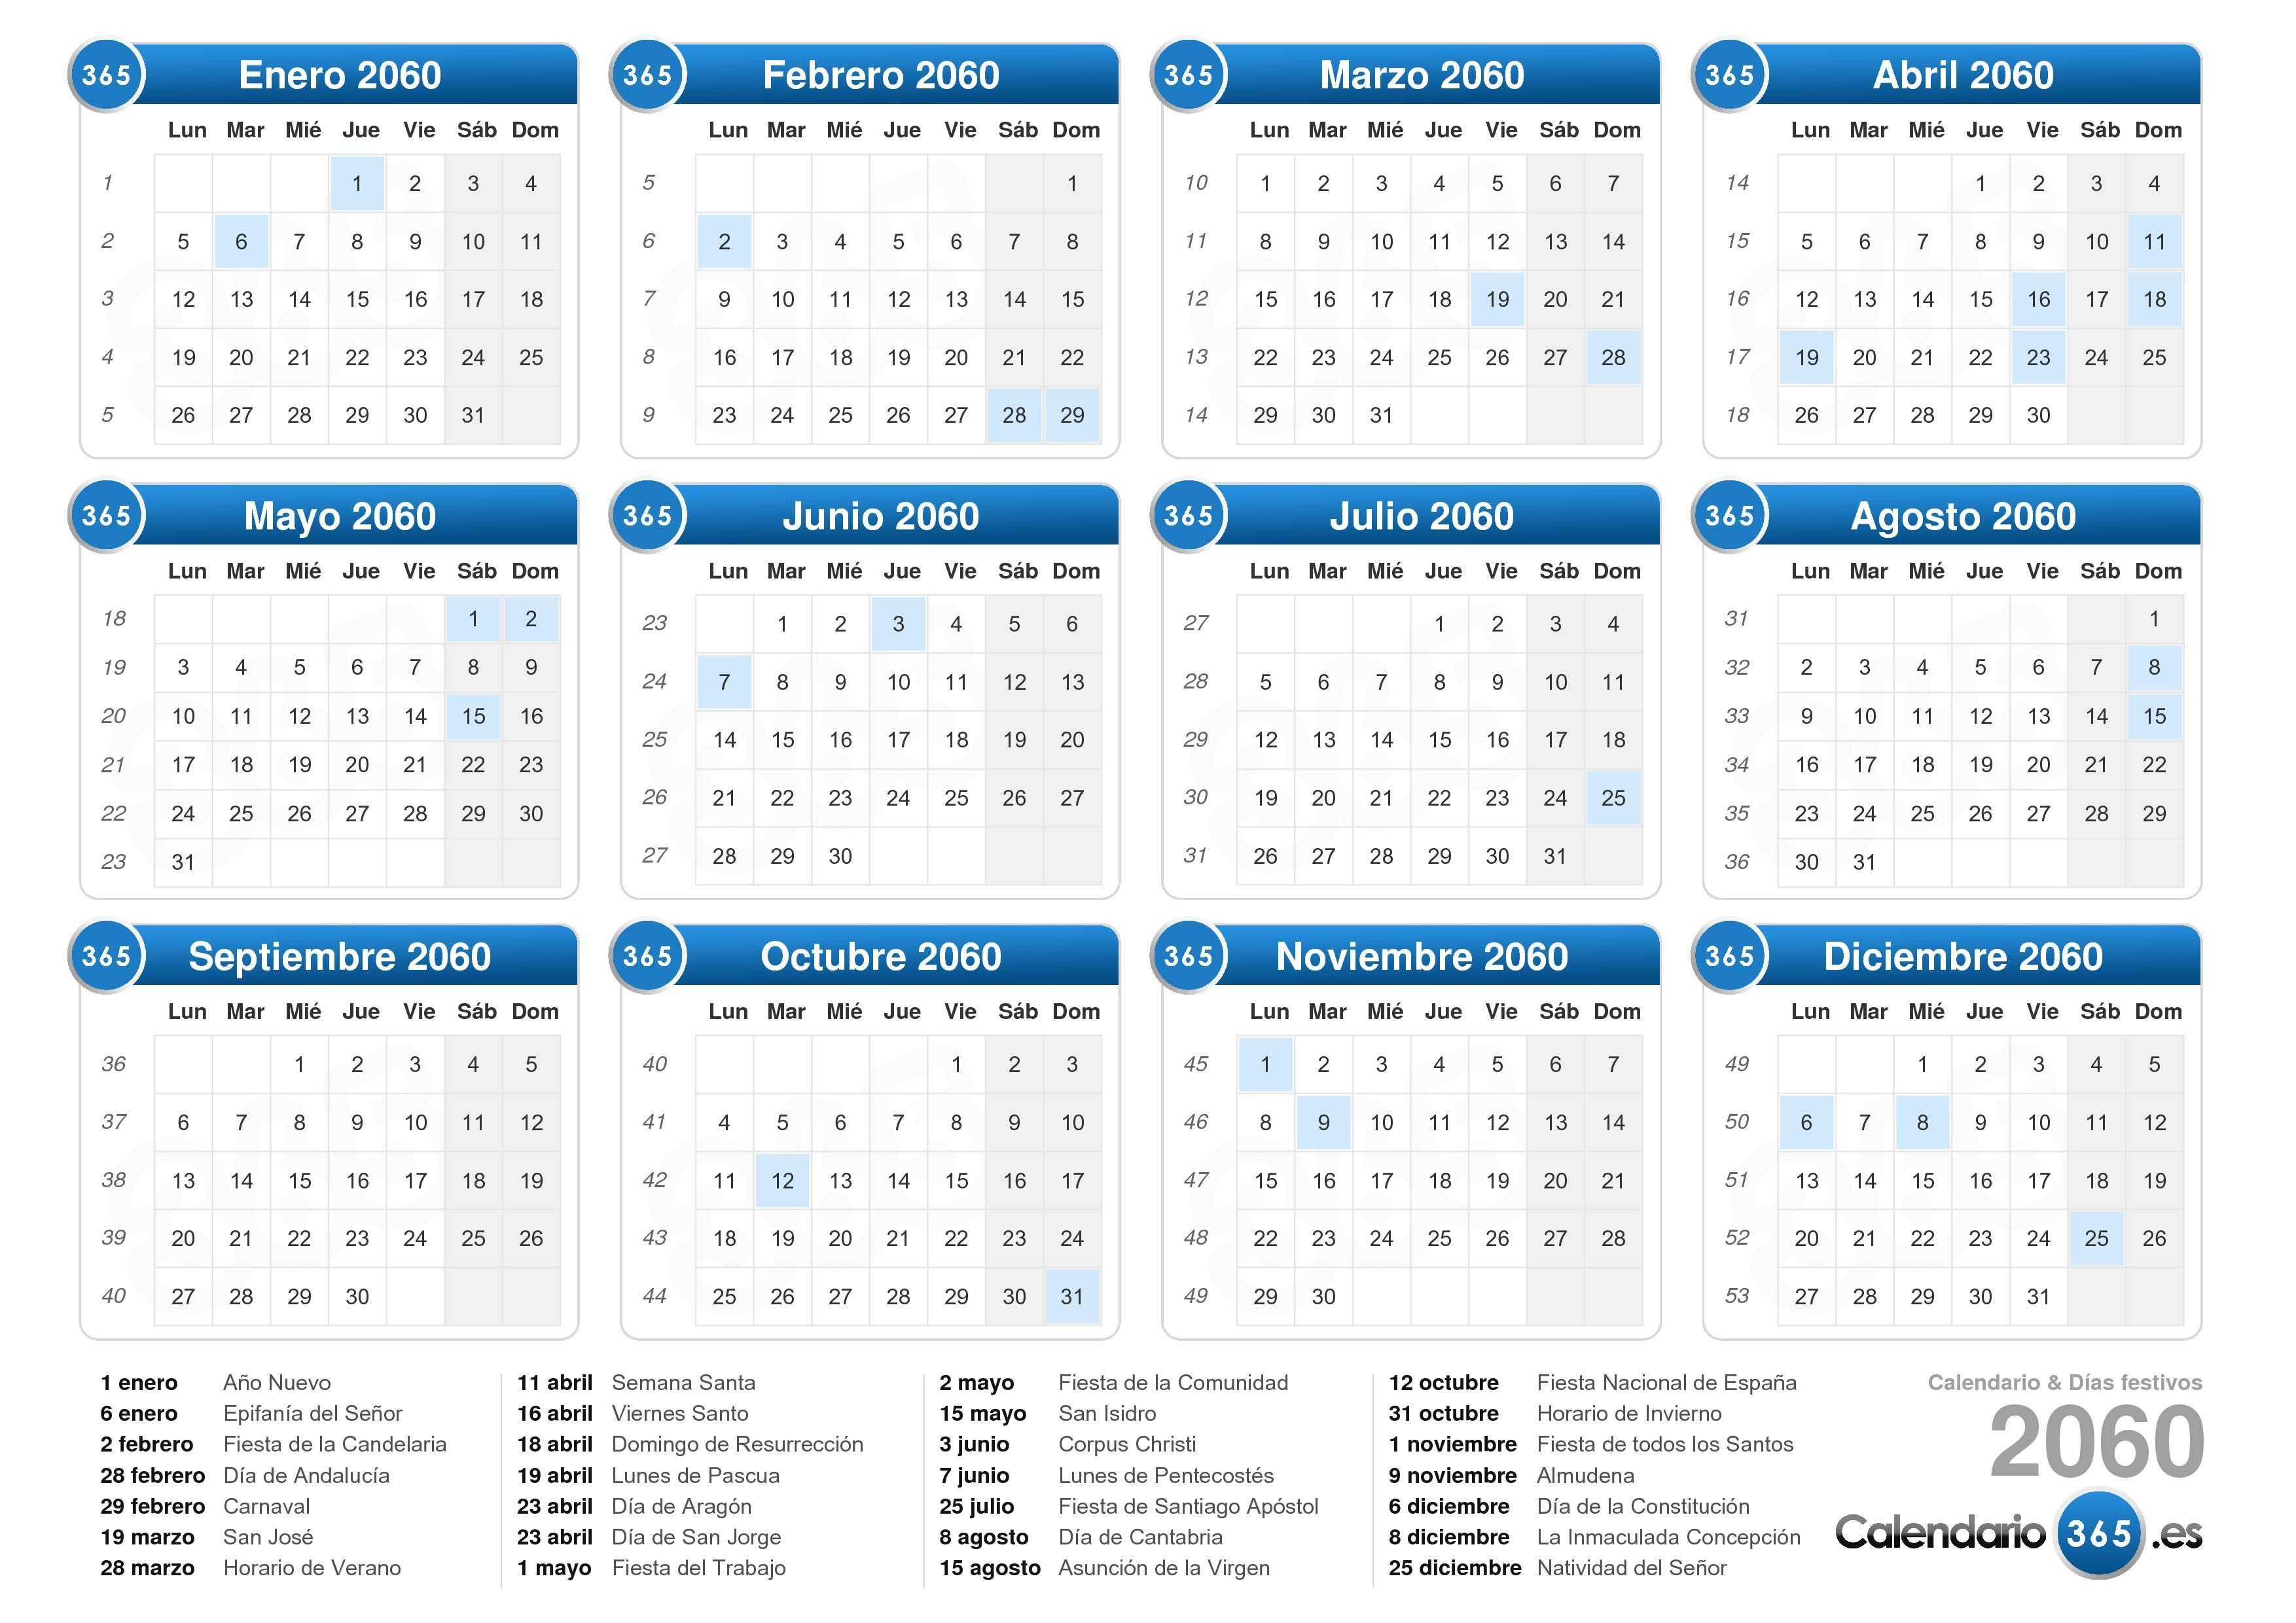 Calendario 2060.Calendario 2060